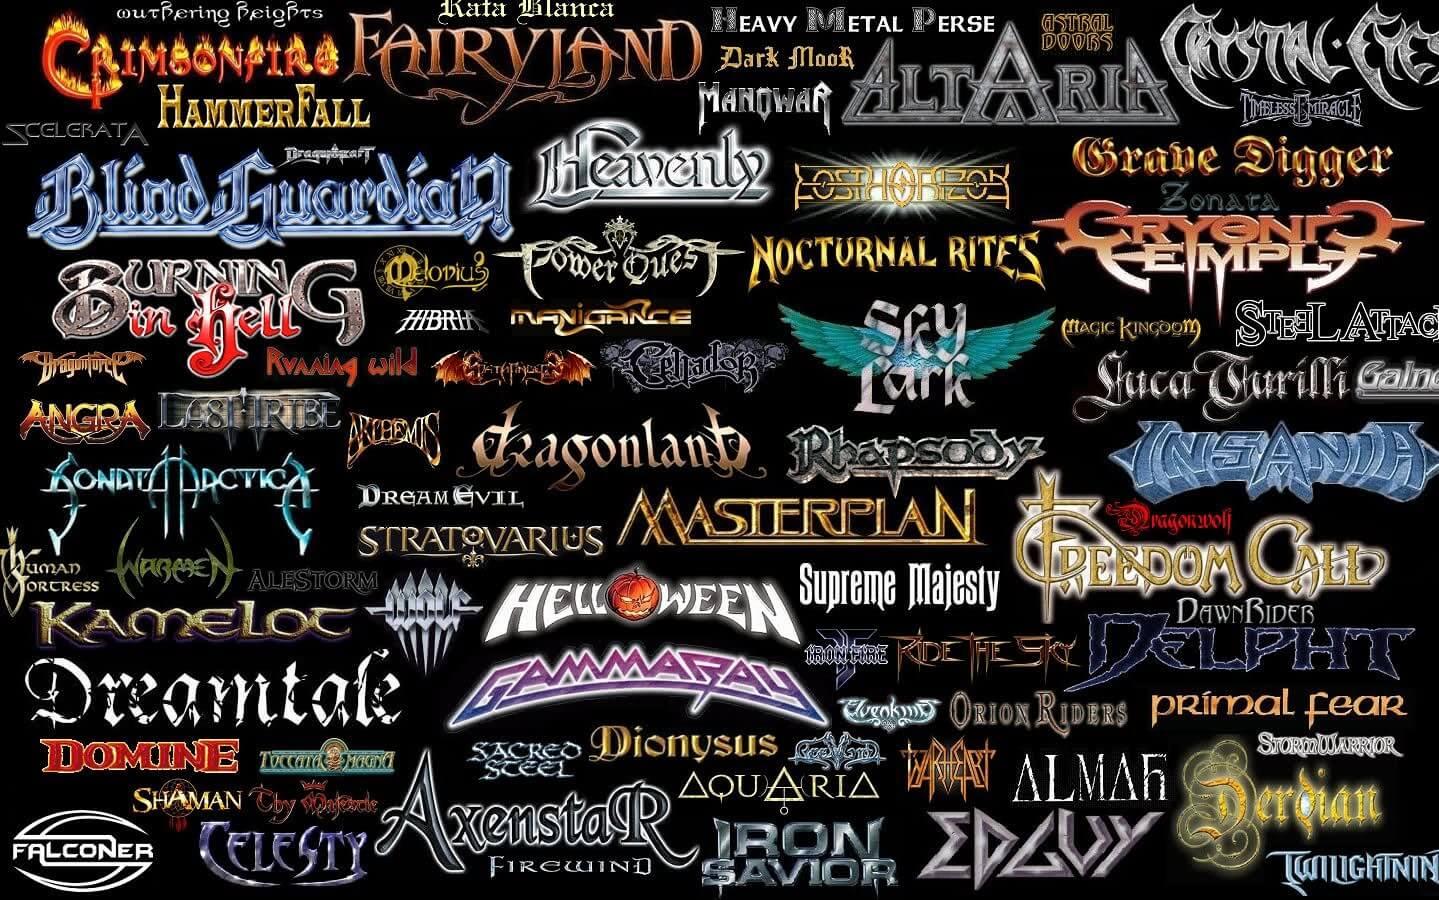 power metal downloads